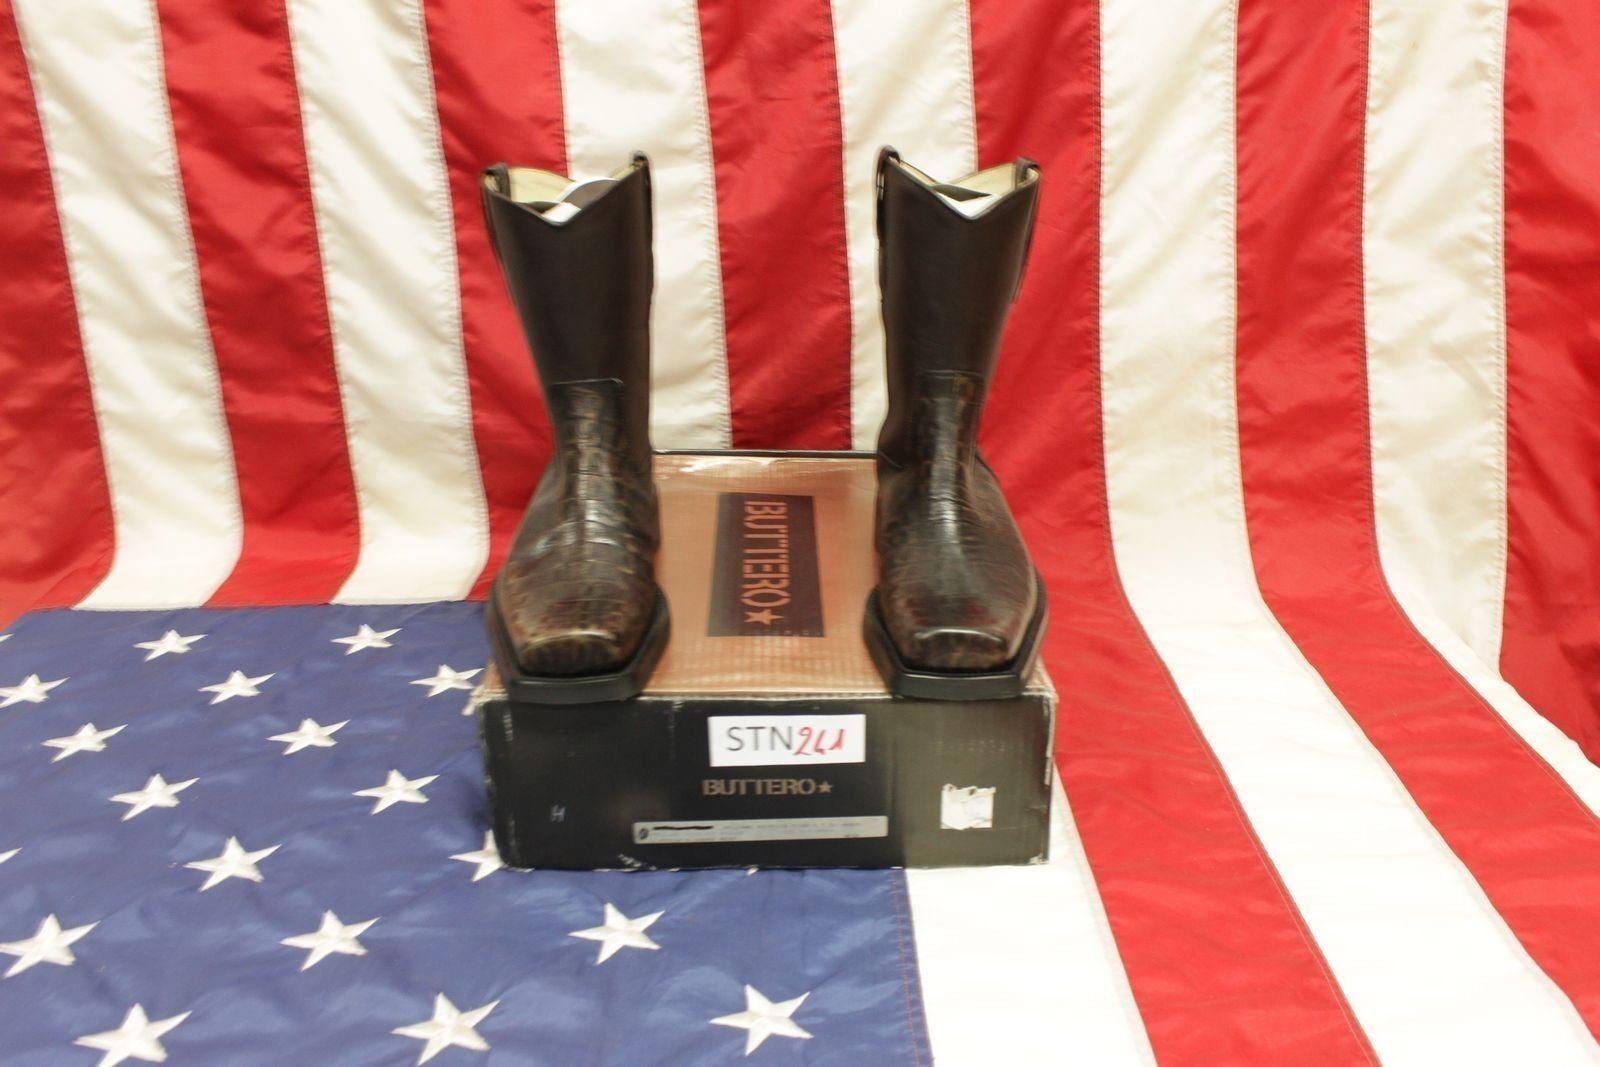 grande sconto Stivali Buttero  stivali N.40  (Cod.STN241) camperos cowboy cowboy cowboy western uomo Nuovi  garantito